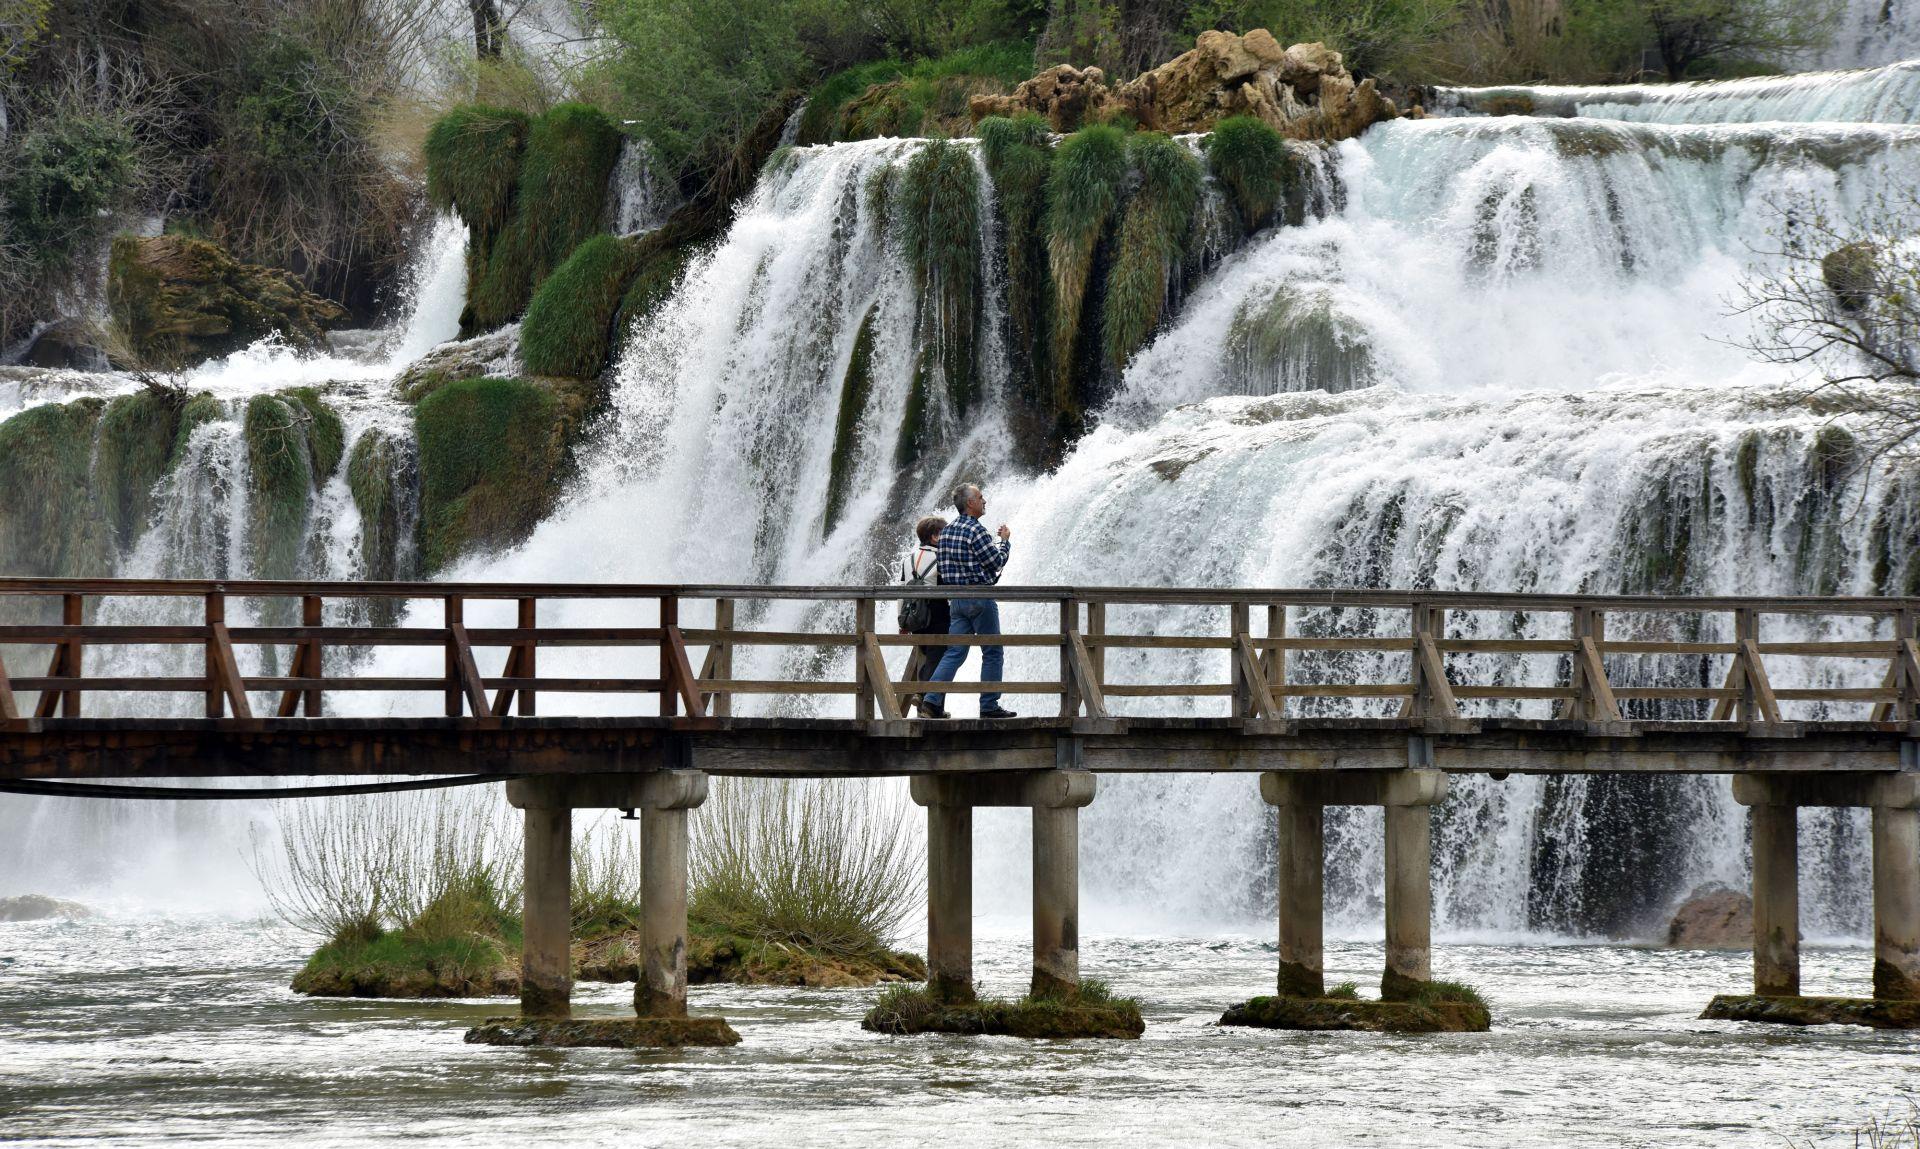 Ministarstvo: 380 milijuna kuna za ulaganja u prirodnu baštinu u nacionalnim parkovima i parkovima prirode